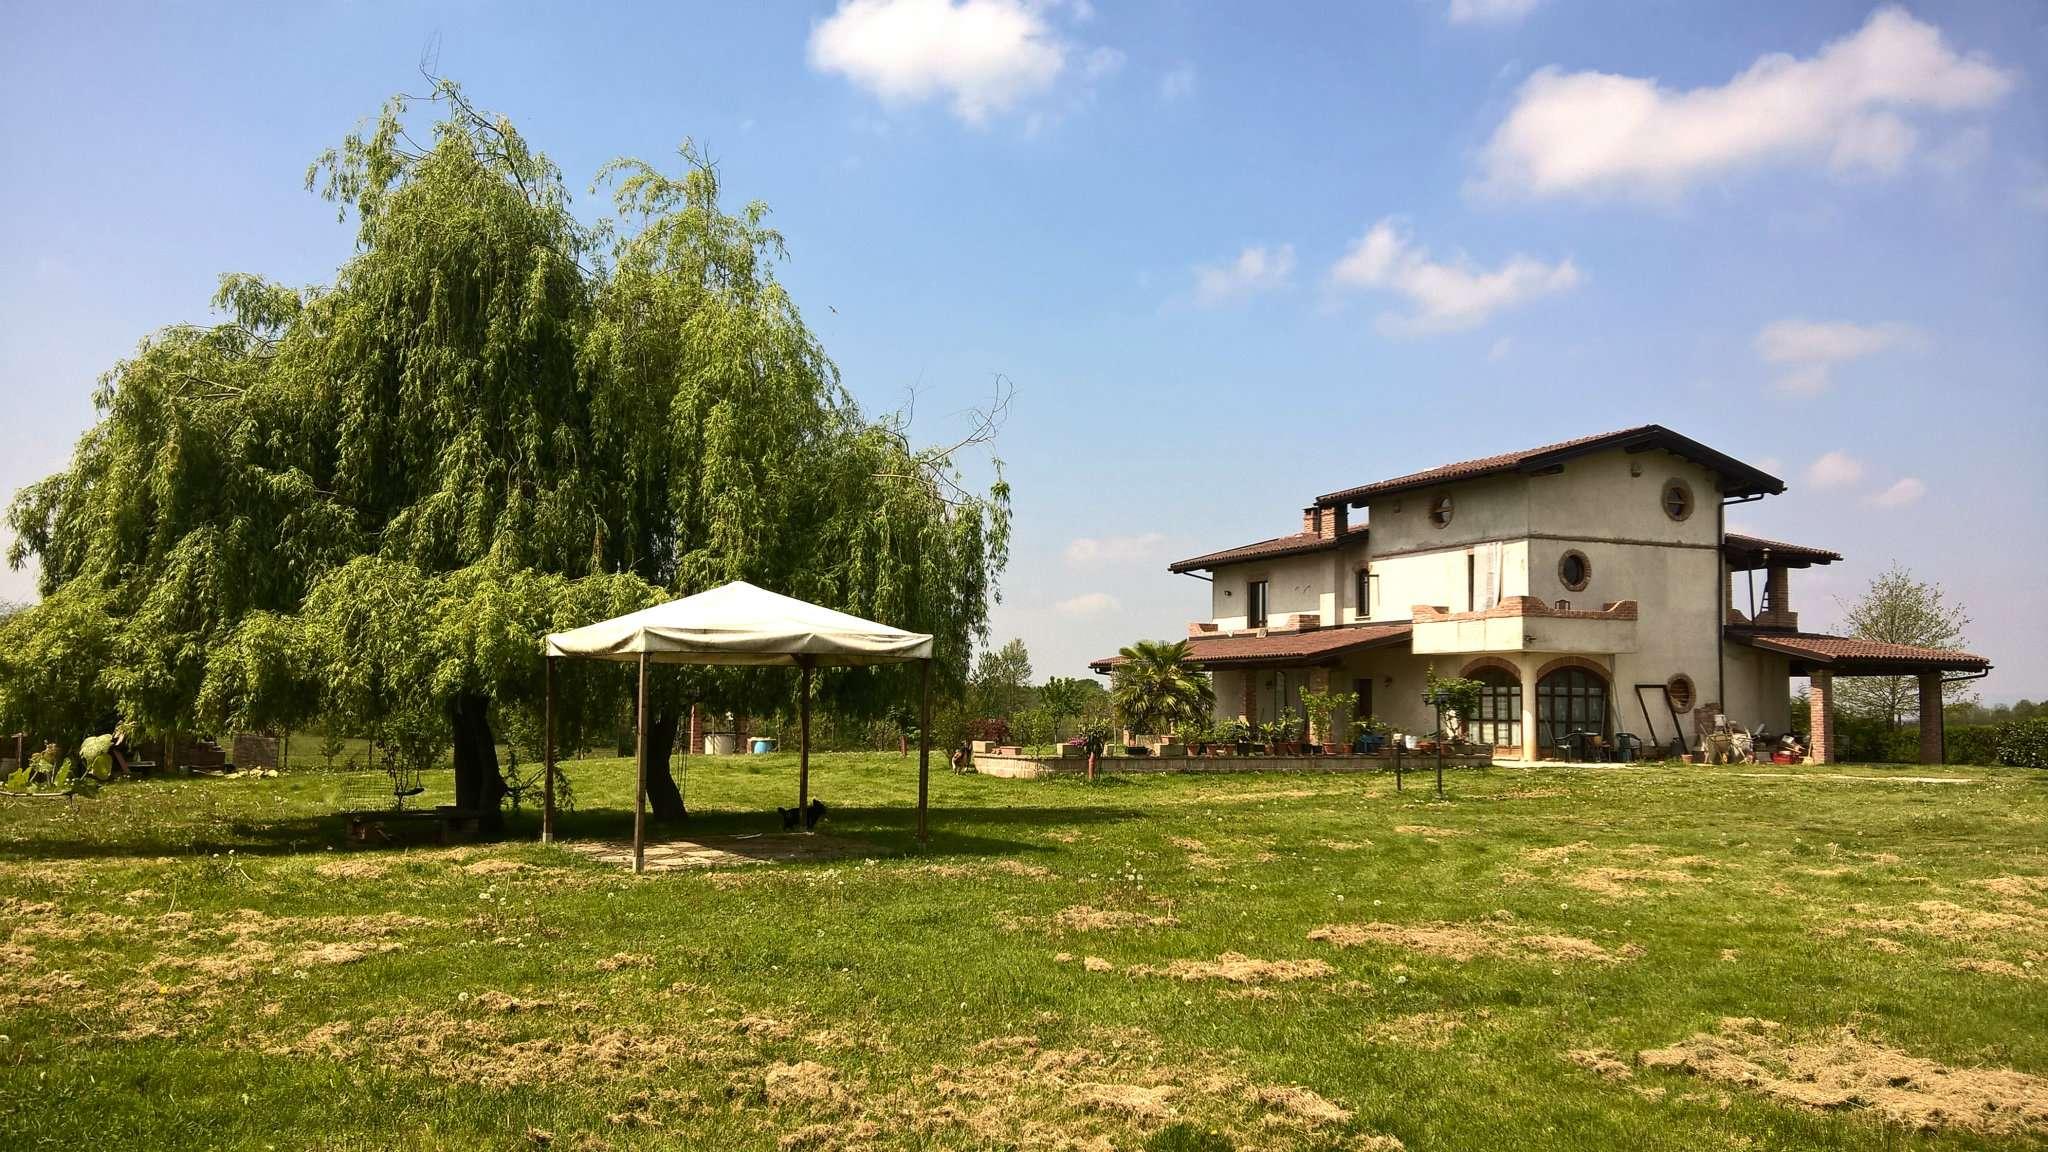 Villa in vendita a Pralormo, 8 locali, prezzo € 270.000 | Cambio Casa.it